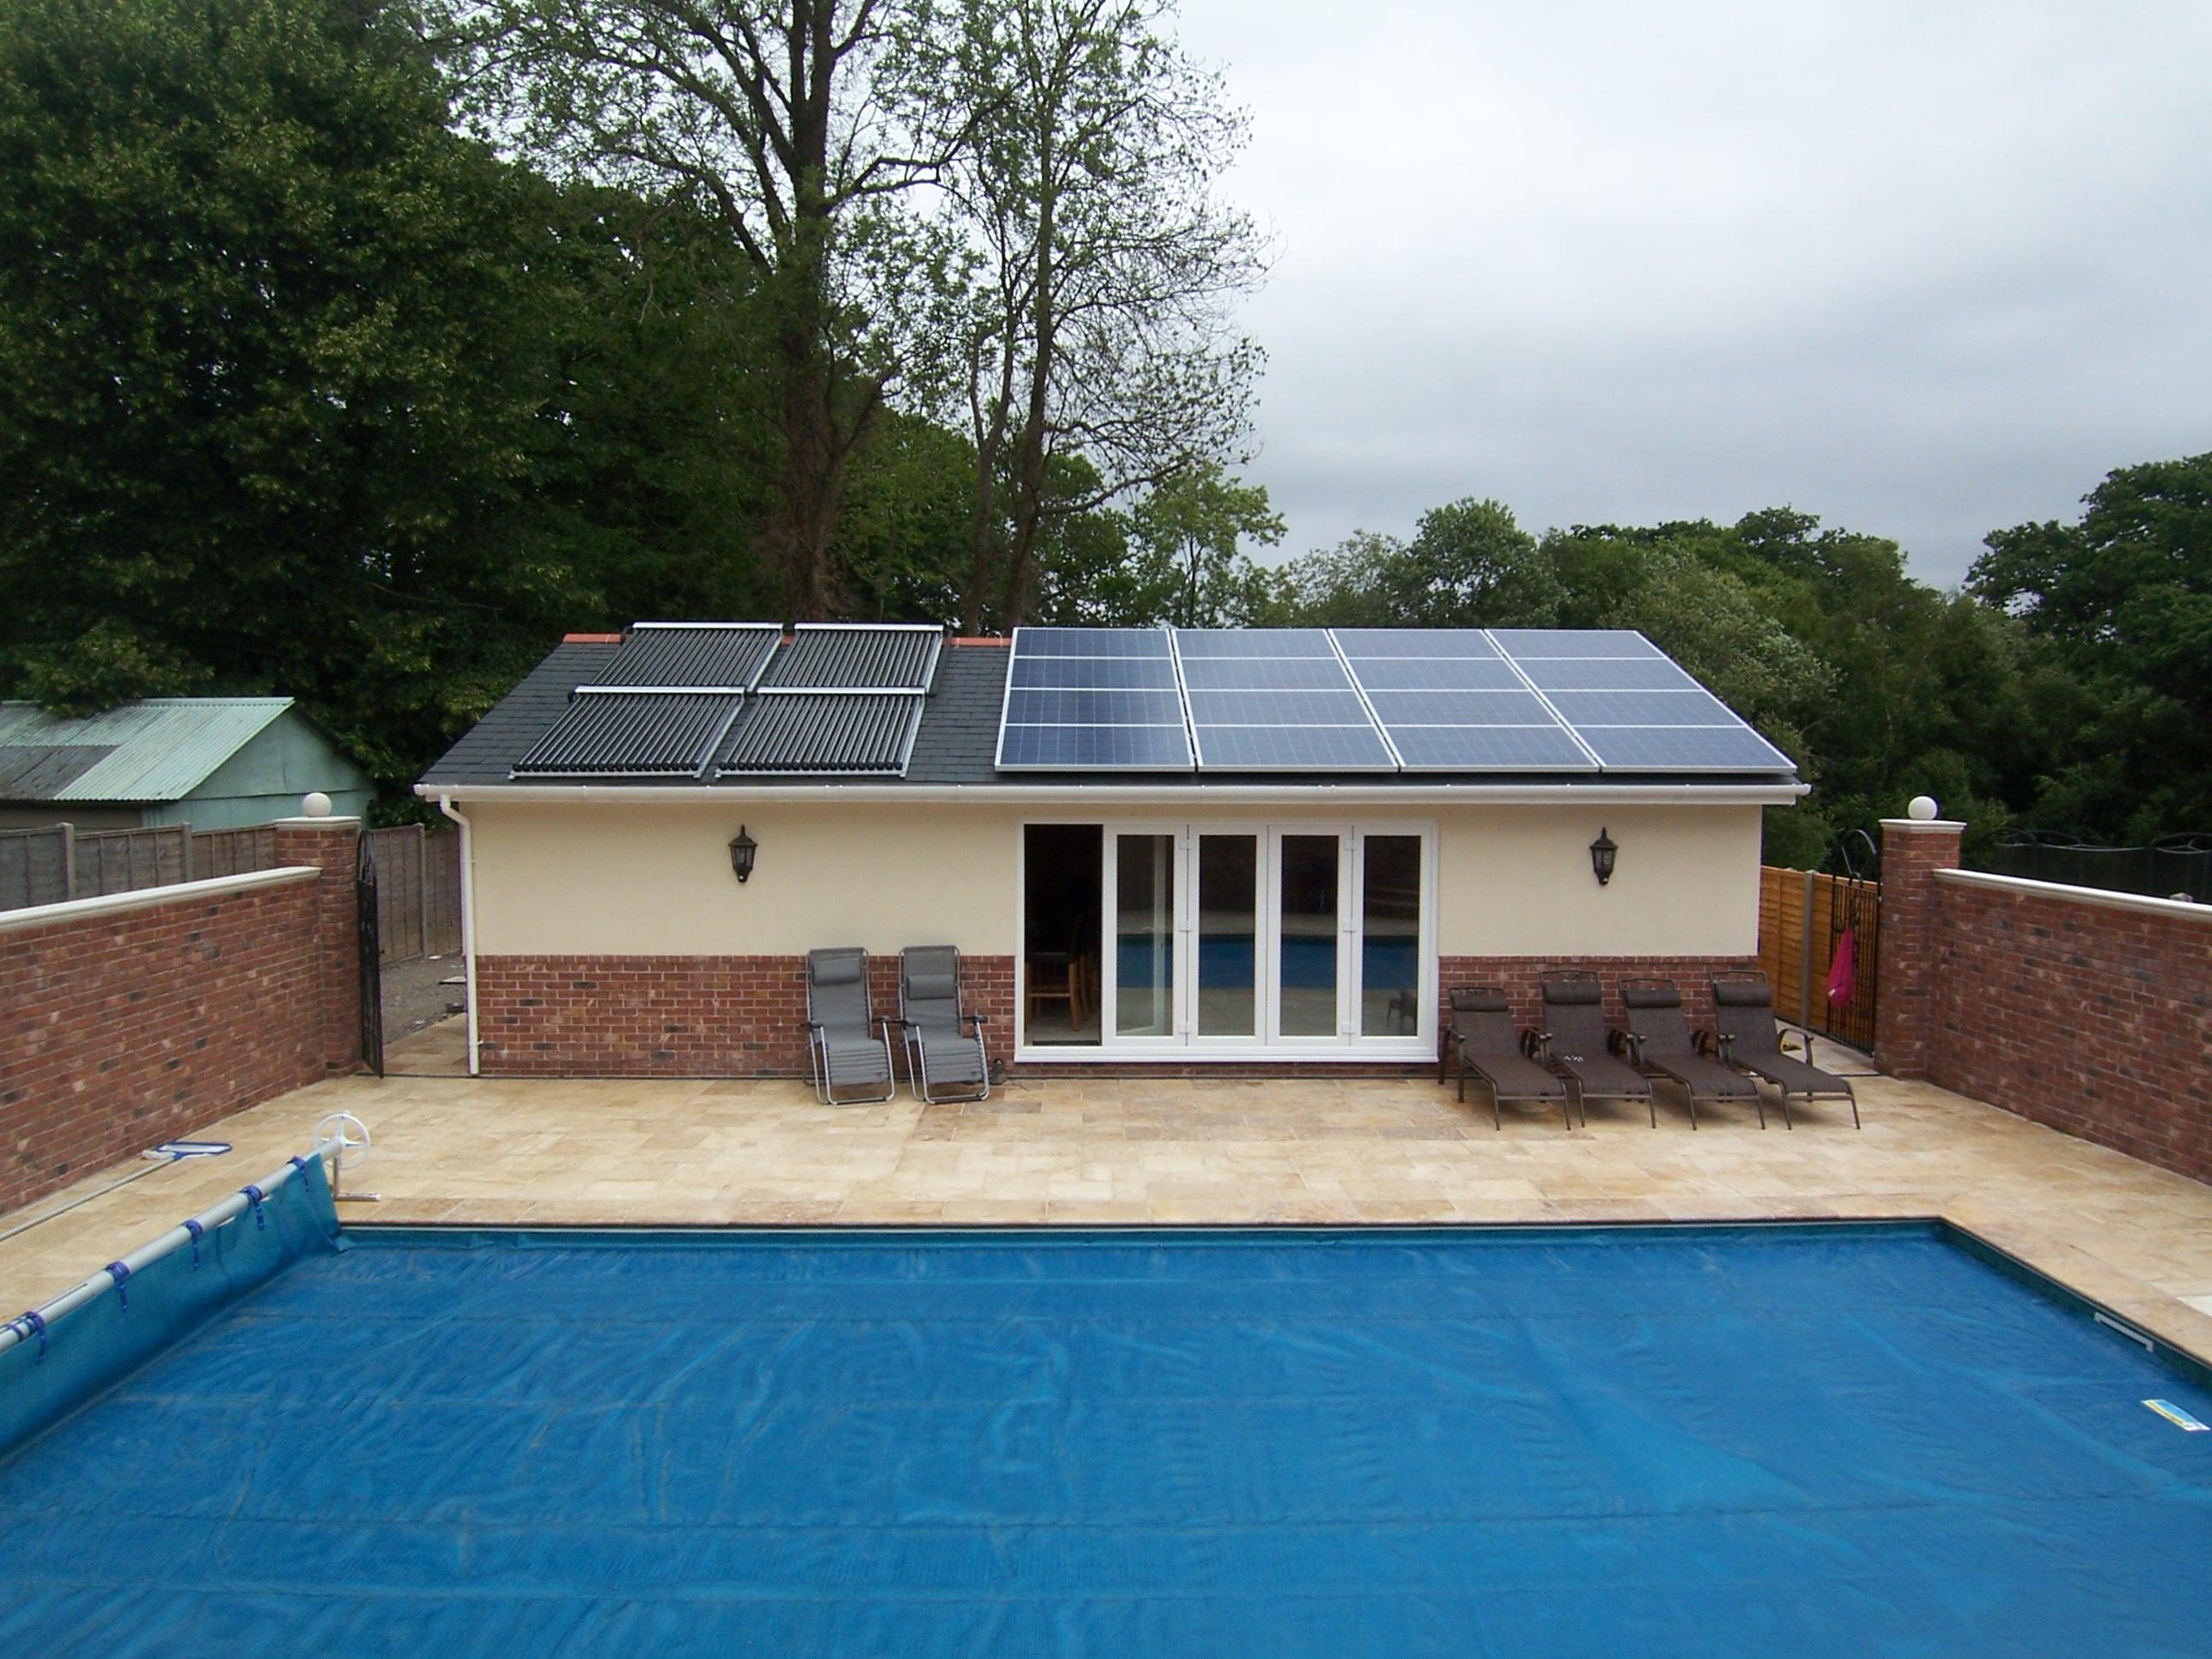 Солнечные коллекторы для нагрева воды в бассейне